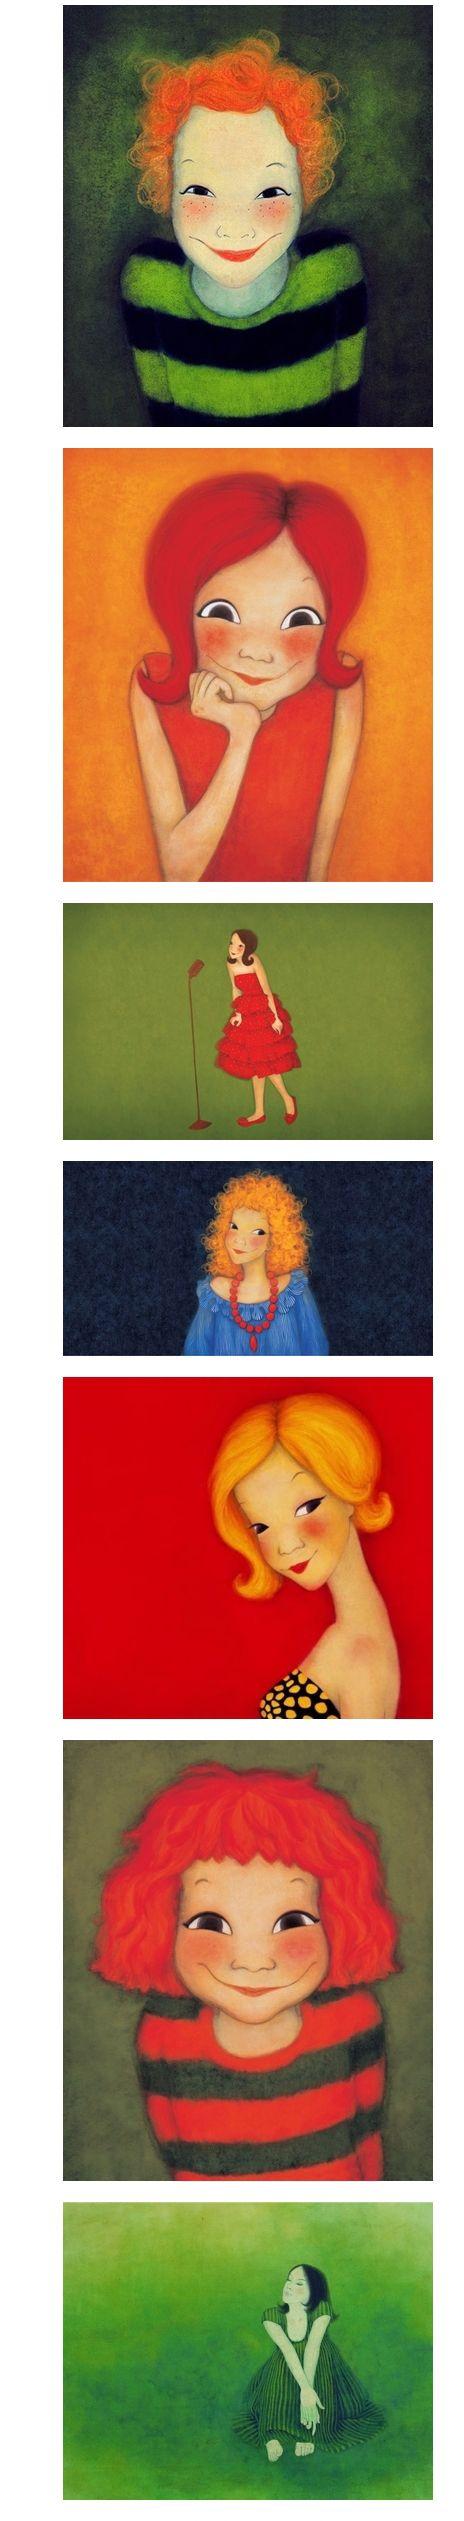 很喜欢韩国这位画家的画风。作者:육심원